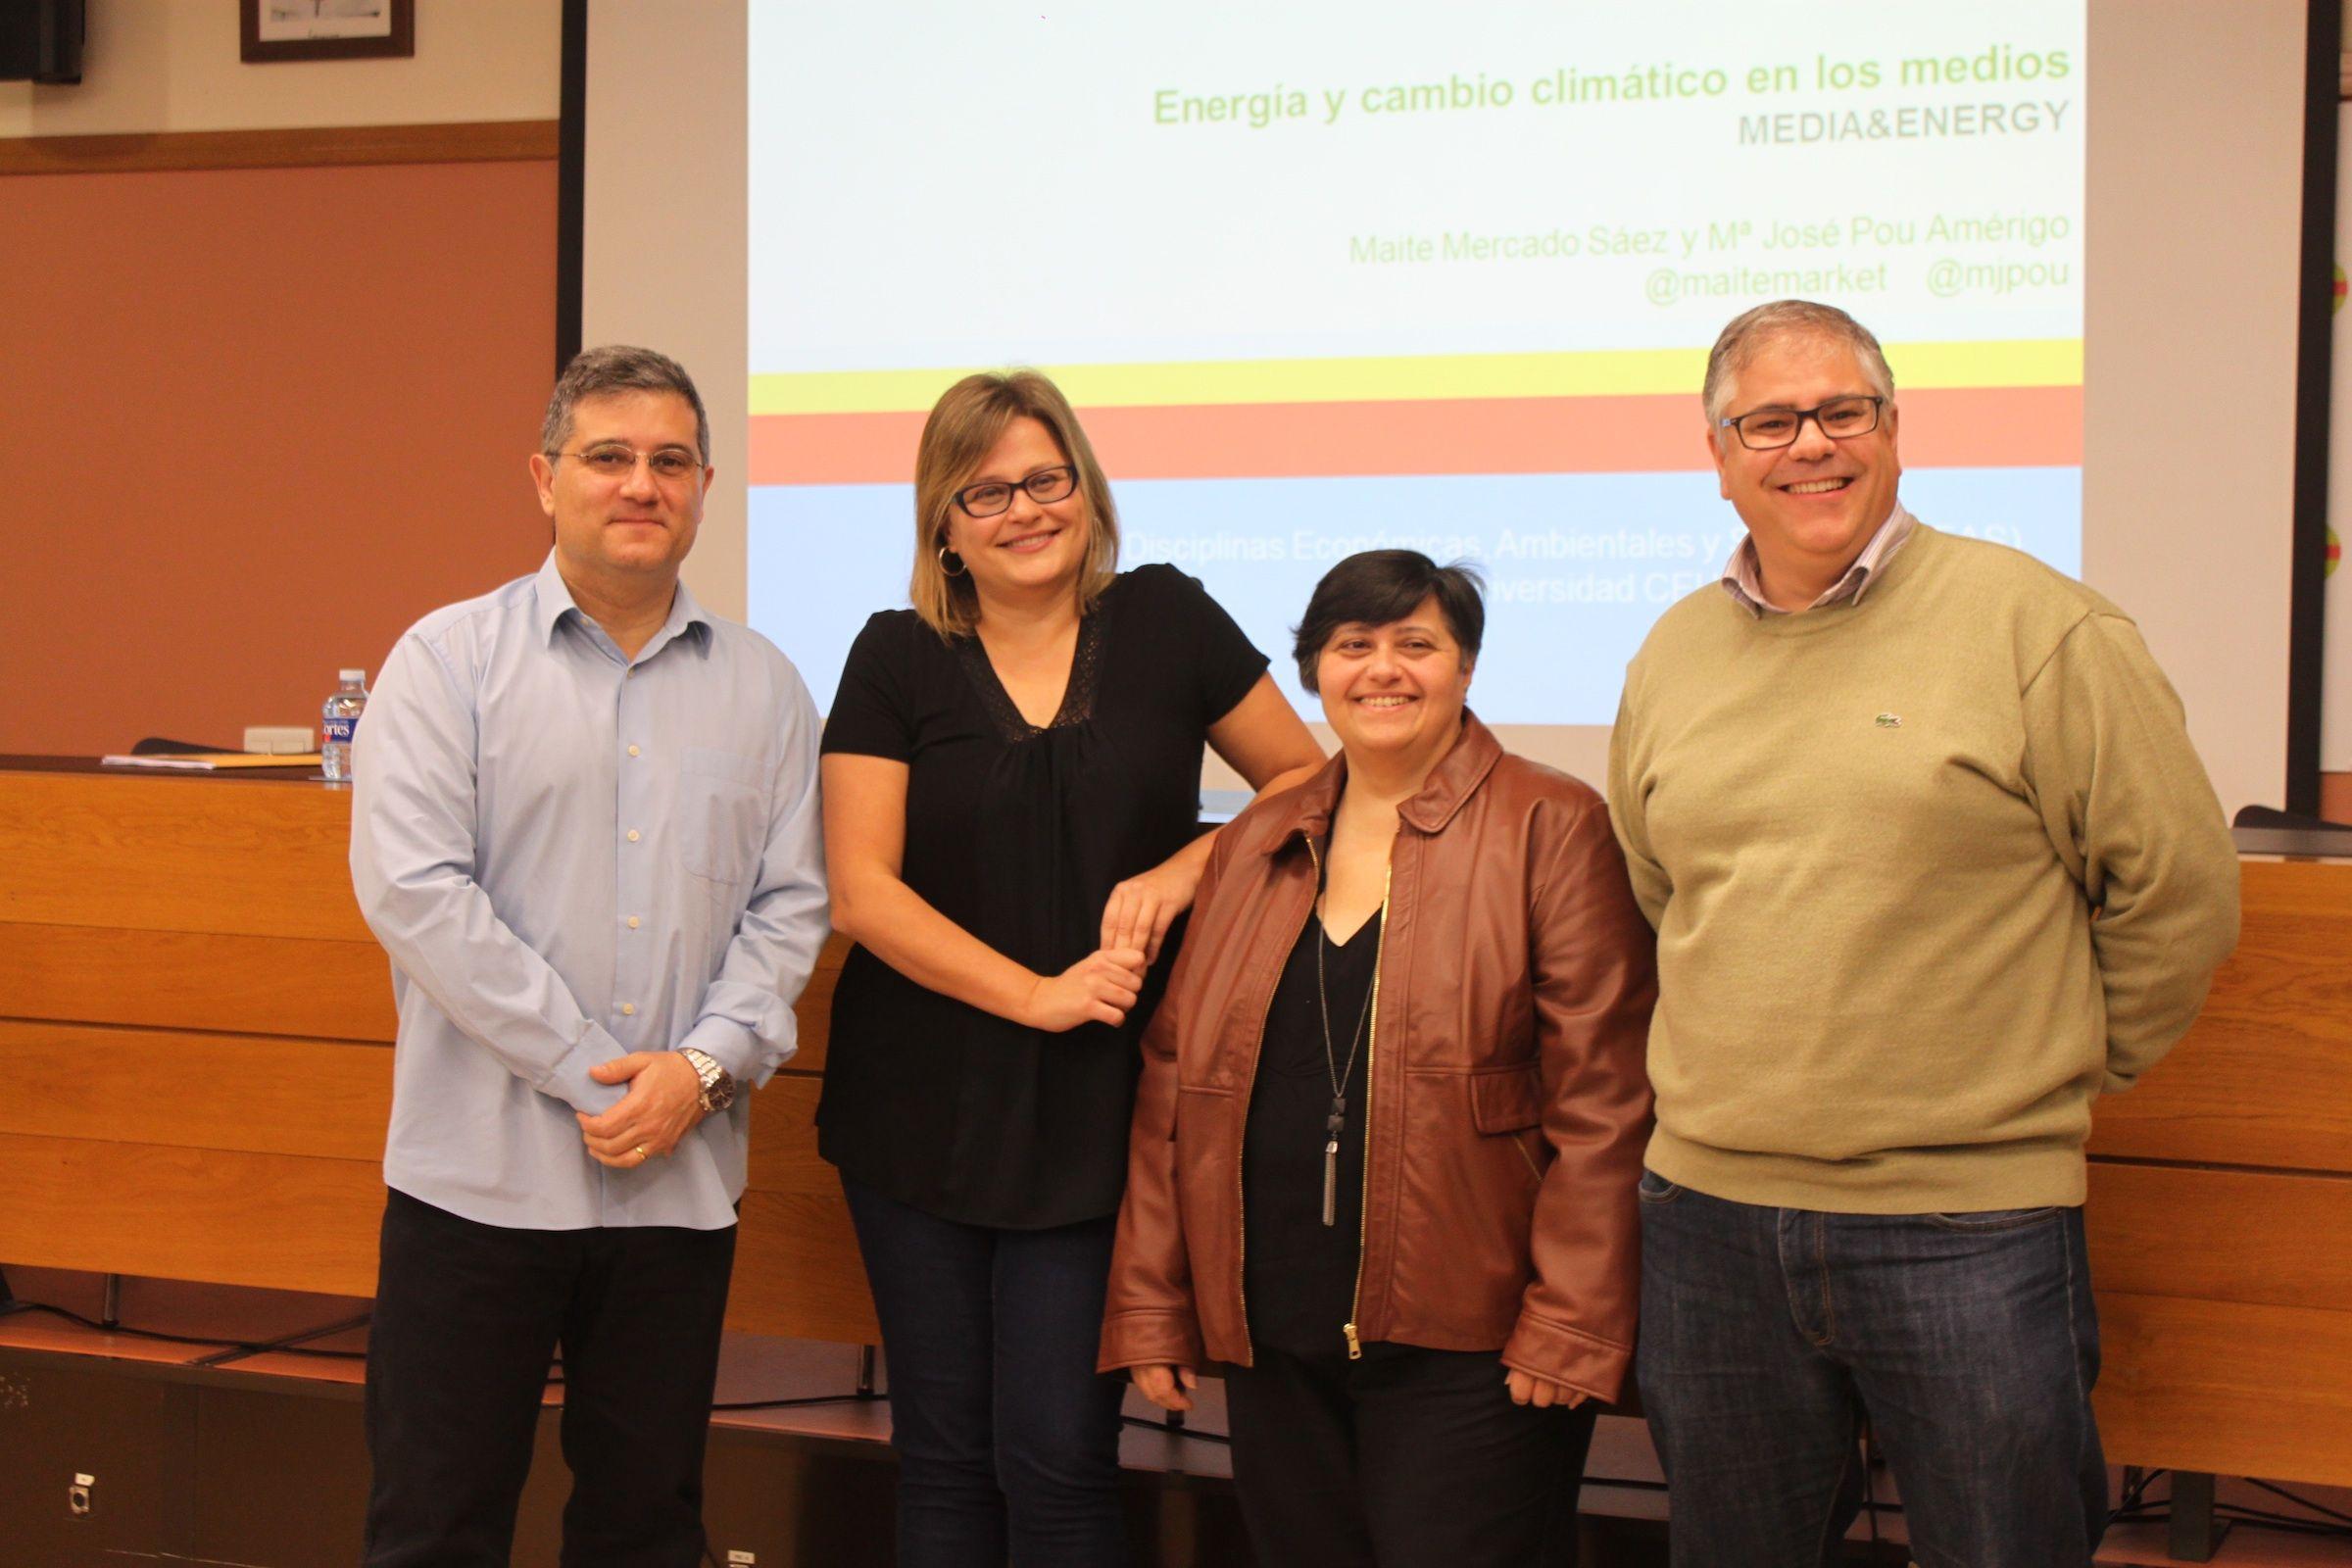 Los investigadores Sebastián Sánchez, Maite Mercado, María José Pou y Ángel Castaños, miembros del Grupo Media & Energy de la CEU-UCH.